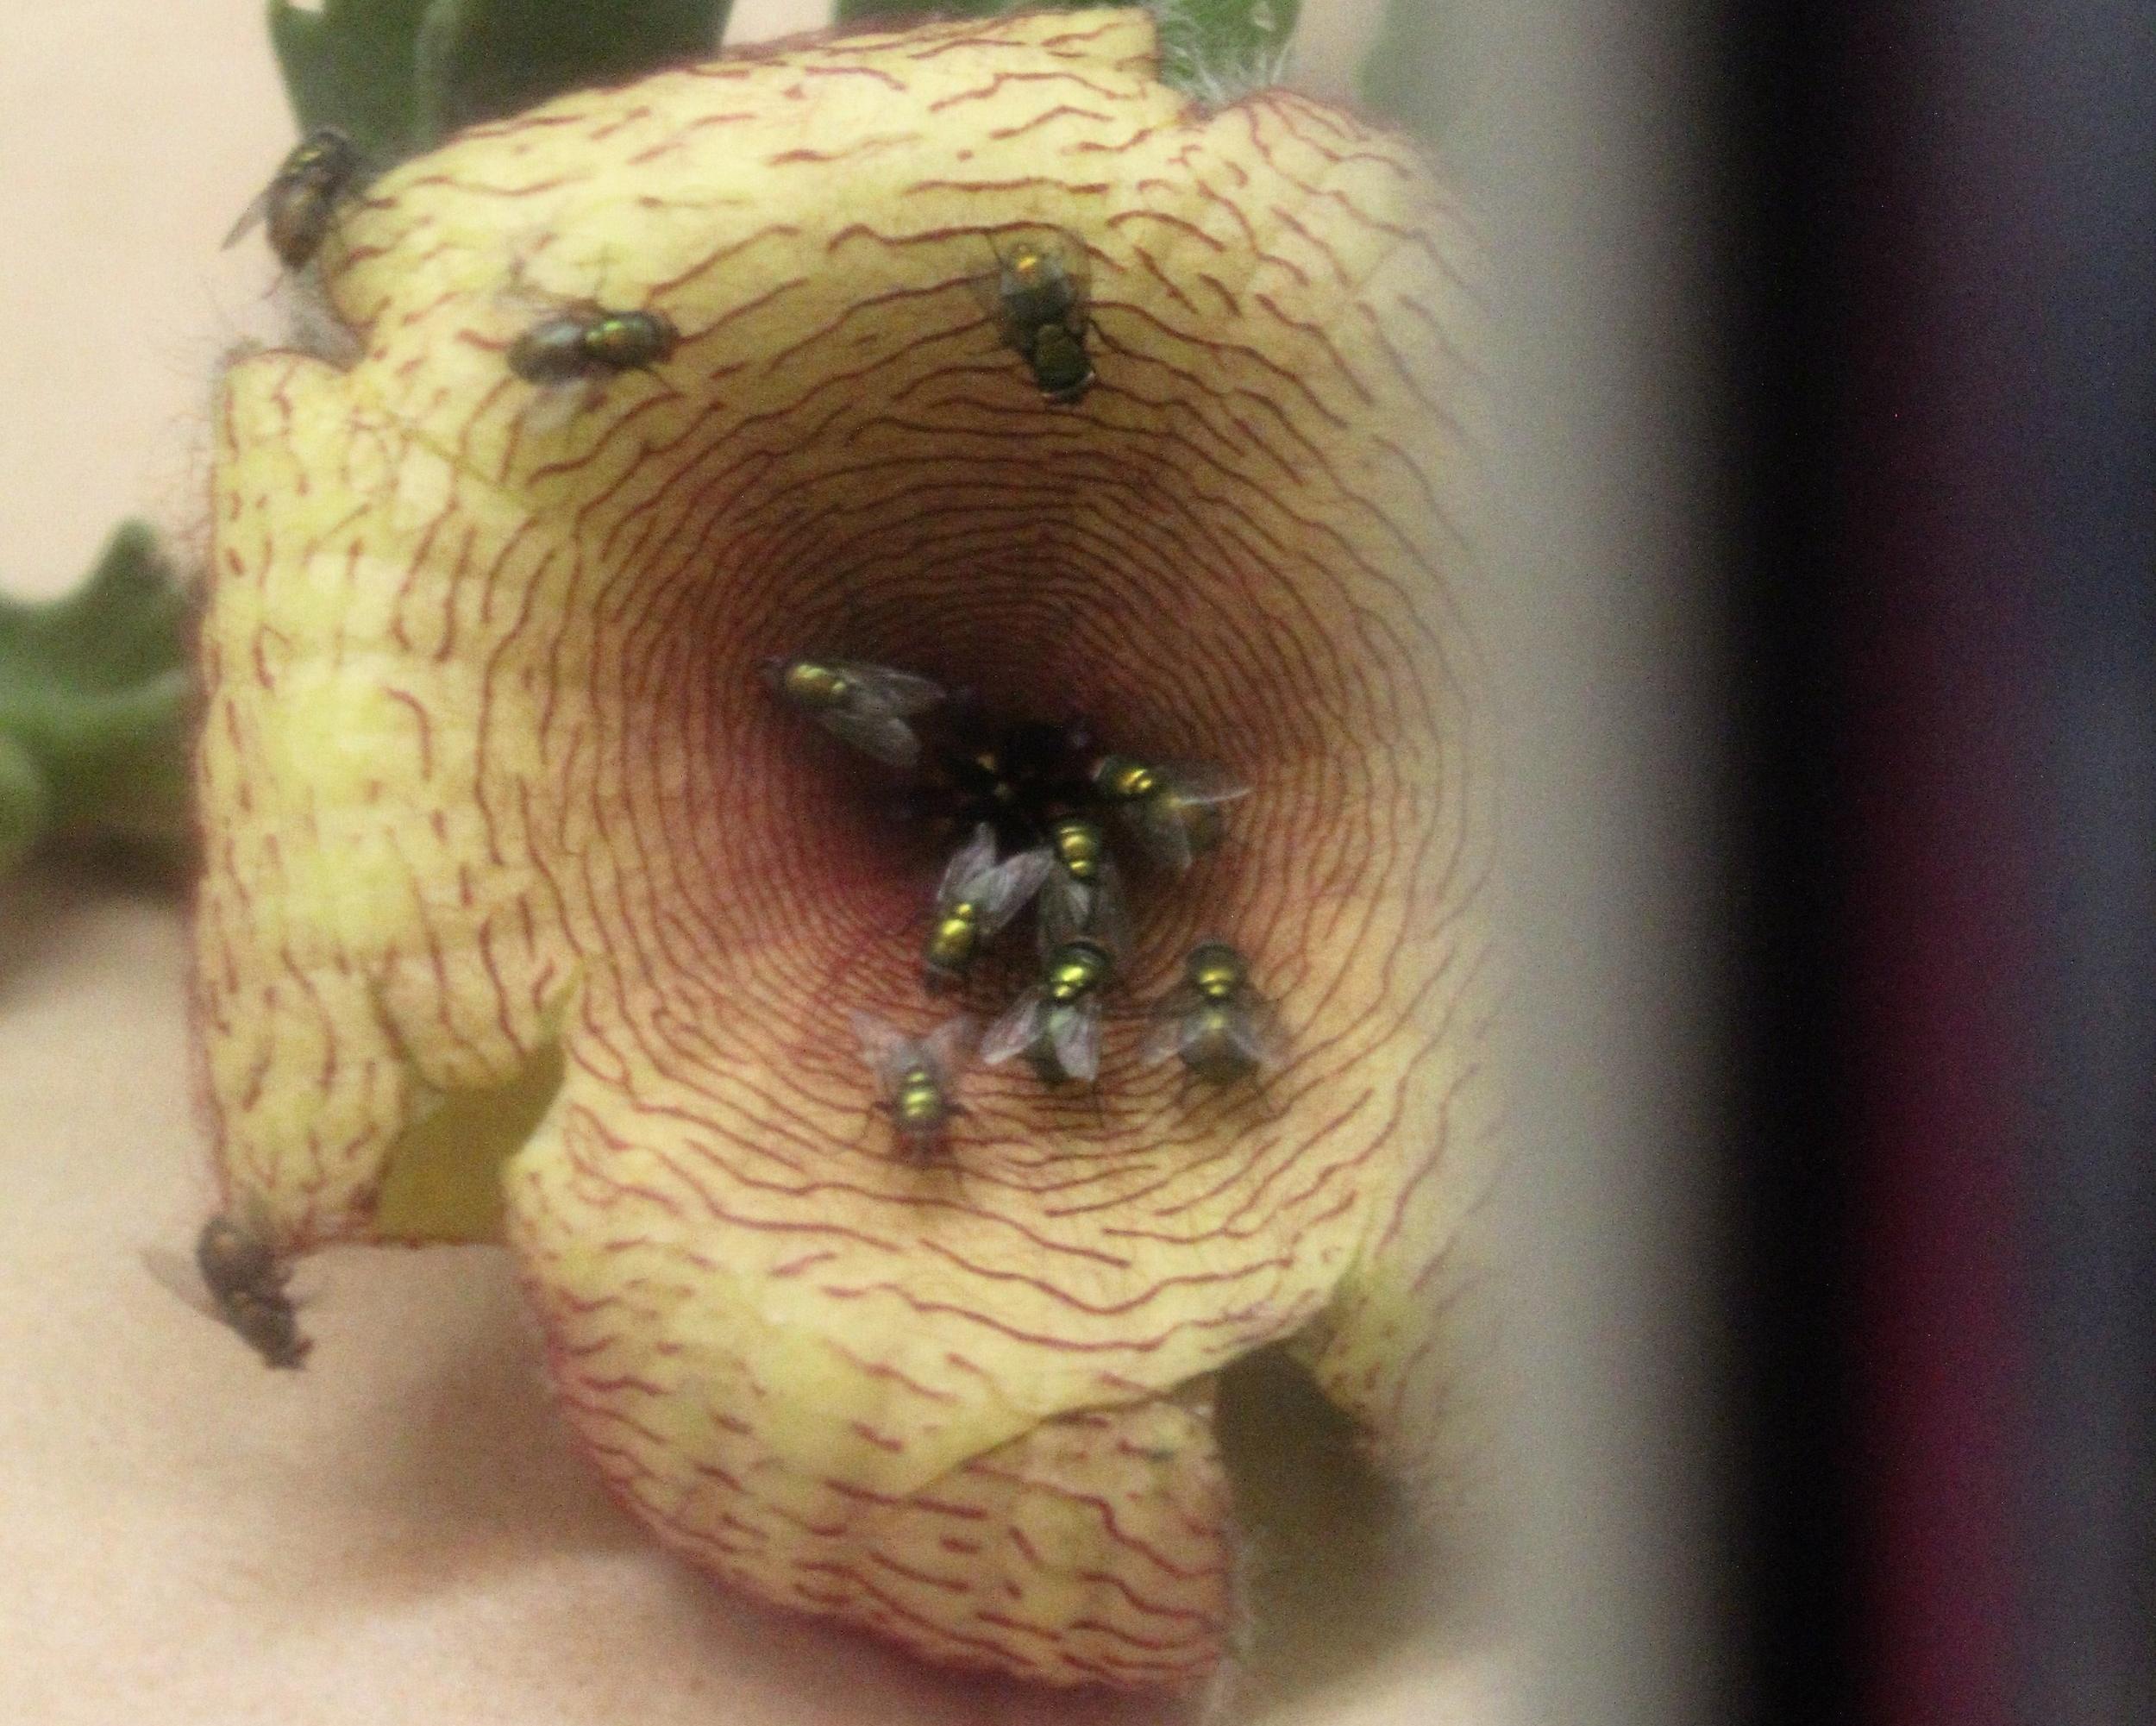 Blow flies swarming a carrion flower.JPG